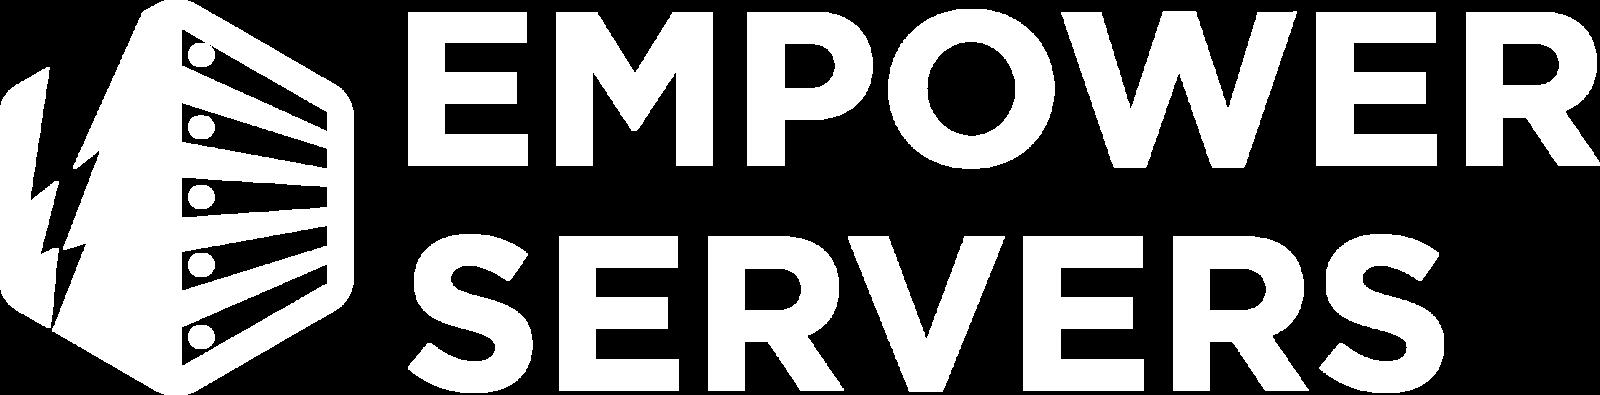 Empower Servers Status